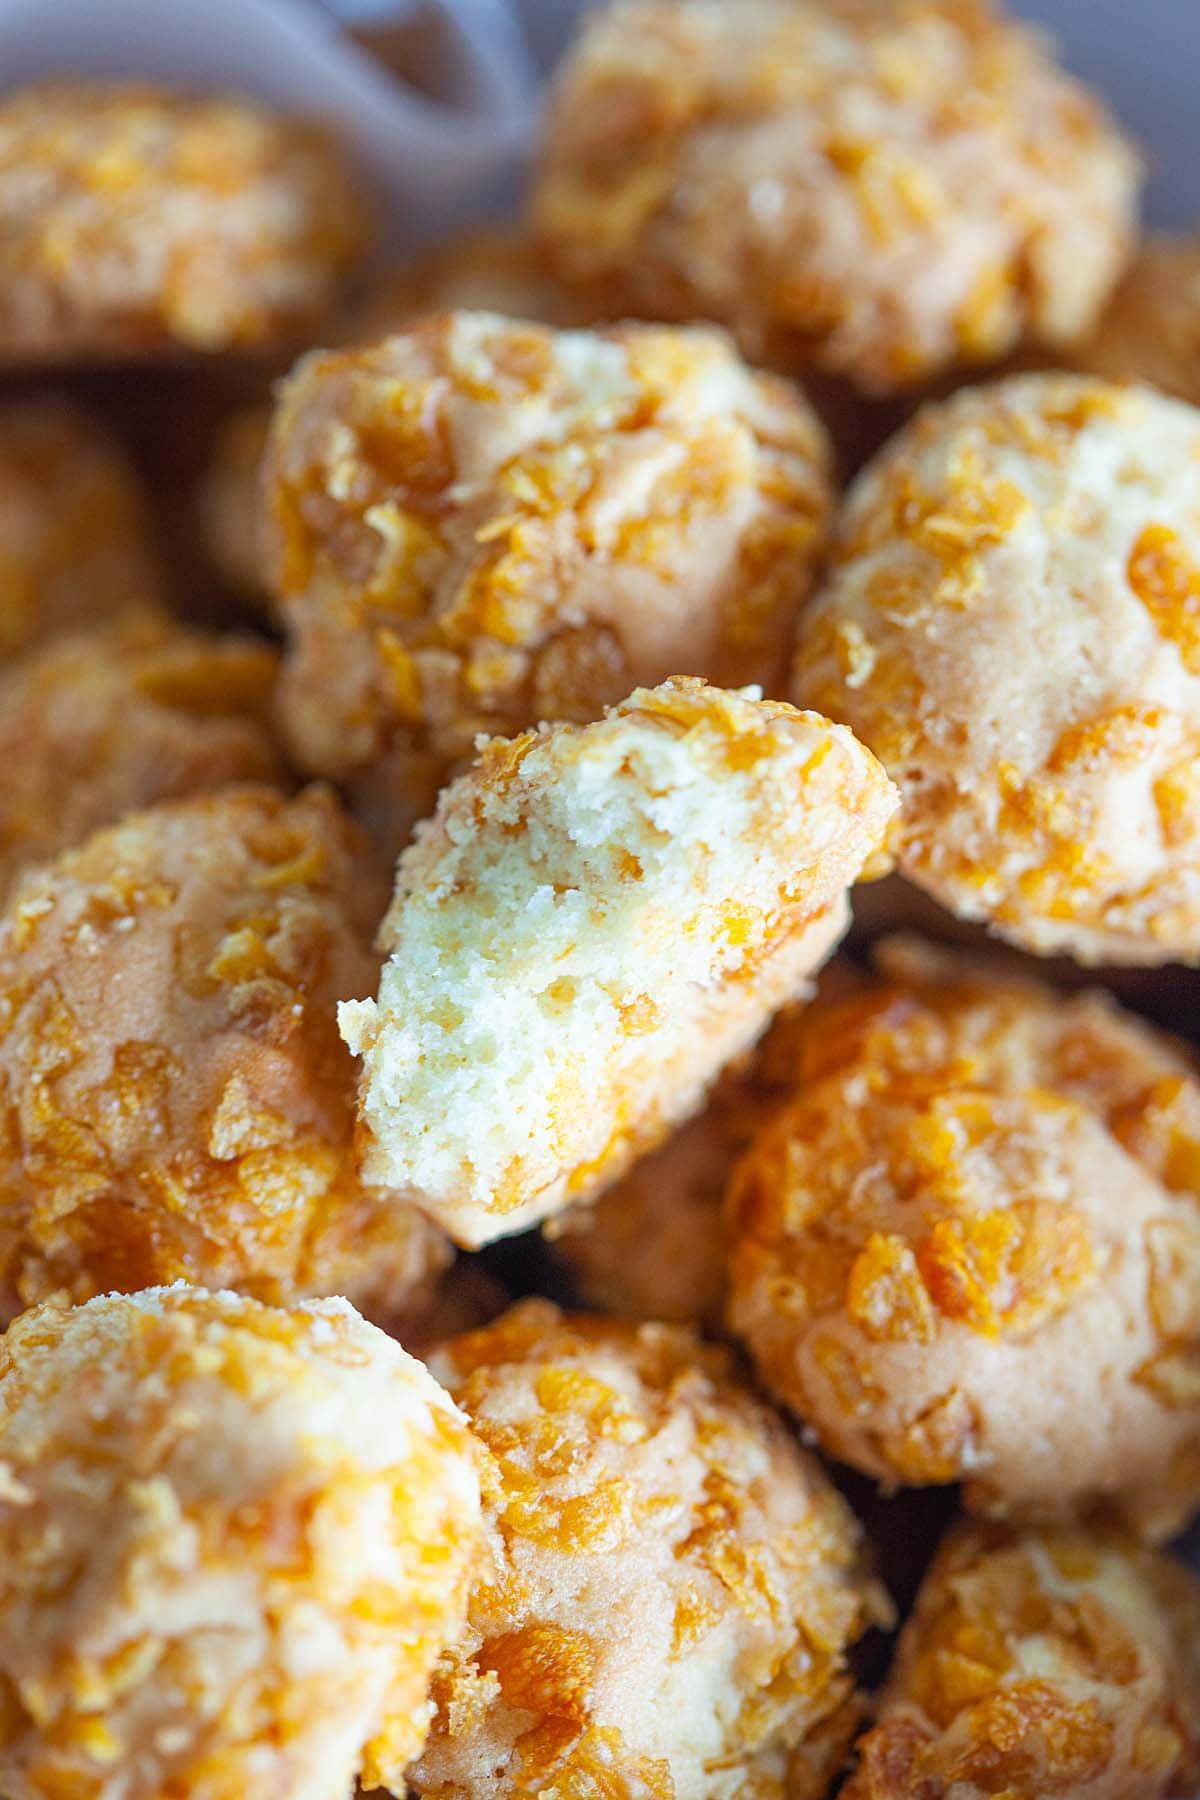 Biscuits riches en beurre roulés avec des cornflakes croquants.